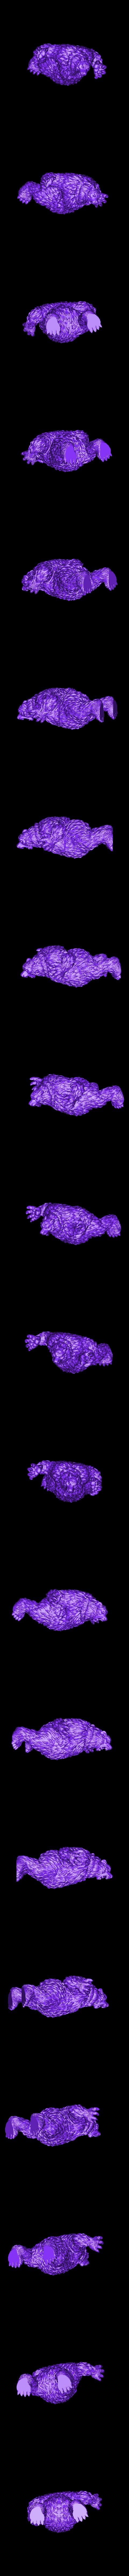 Bear_Standing.stl Télécharger fichier STL gratuit Ours de Rawwwwr • Modèle à imprimer en 3D, DarkRealms